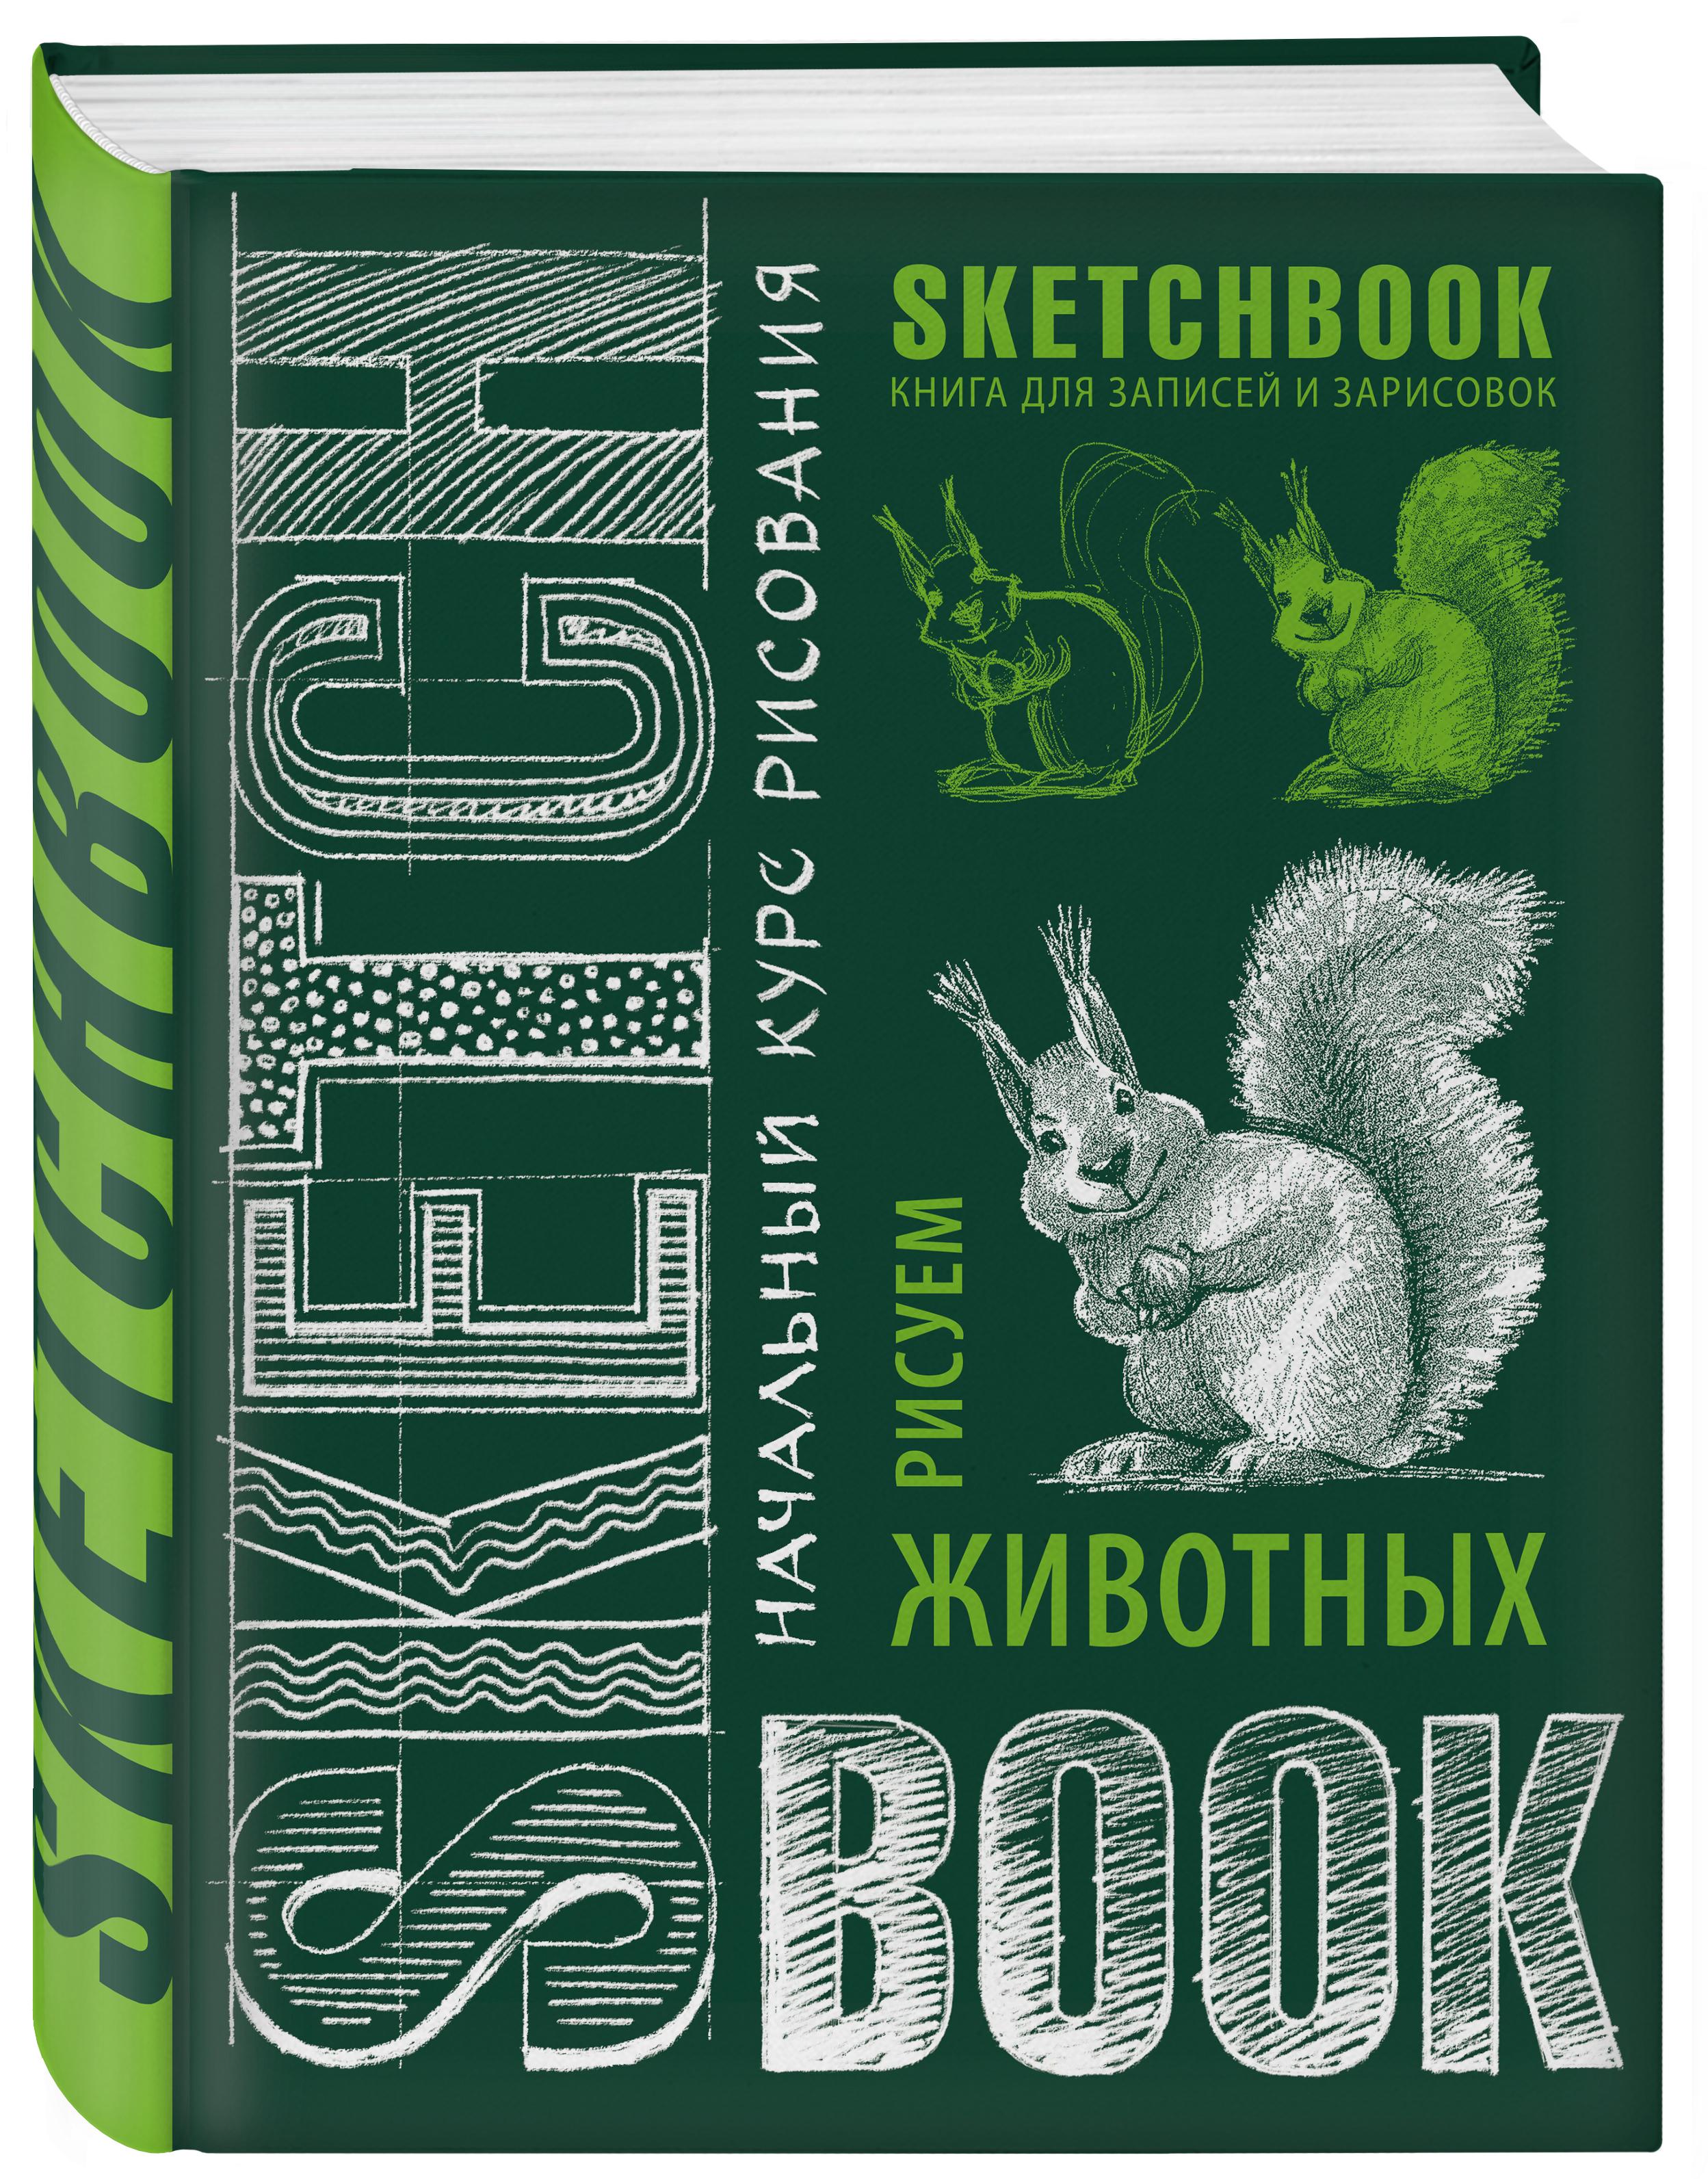 Sketchbook. Животные (изумруд) книги эксмо sketchbook книга для записей и зарисовок